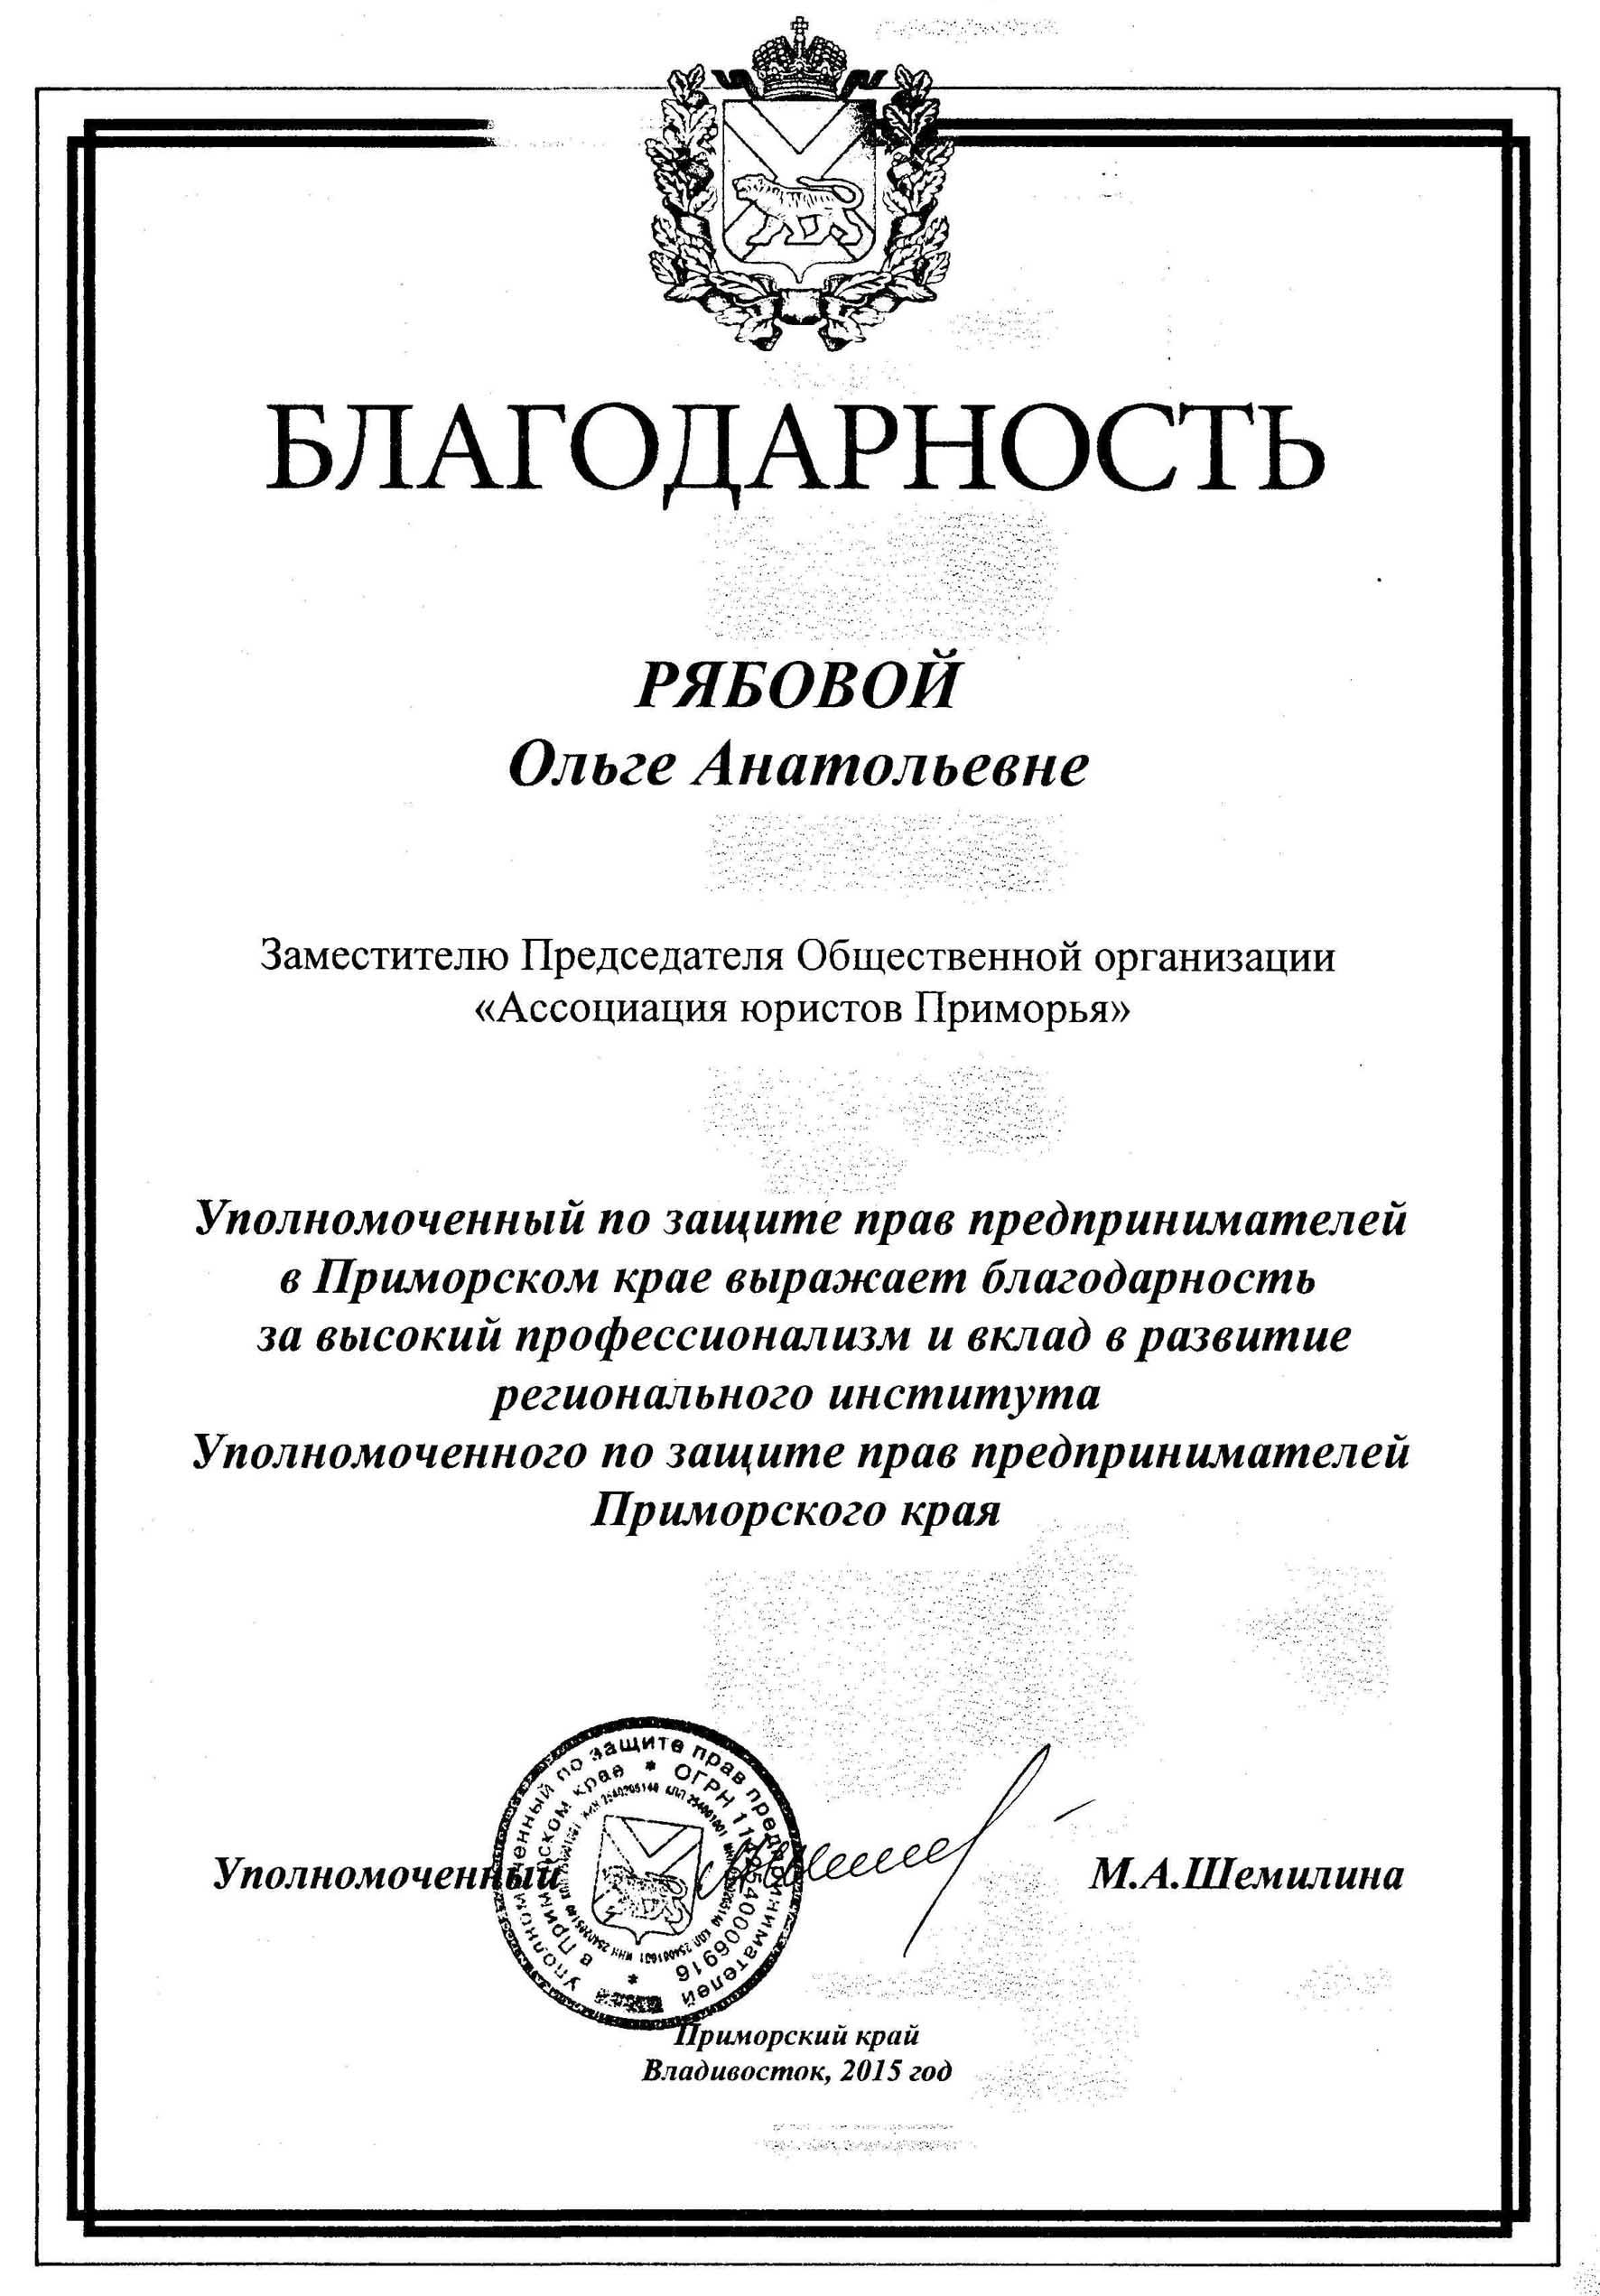 Диплом Анализ Финансовой Отчетности